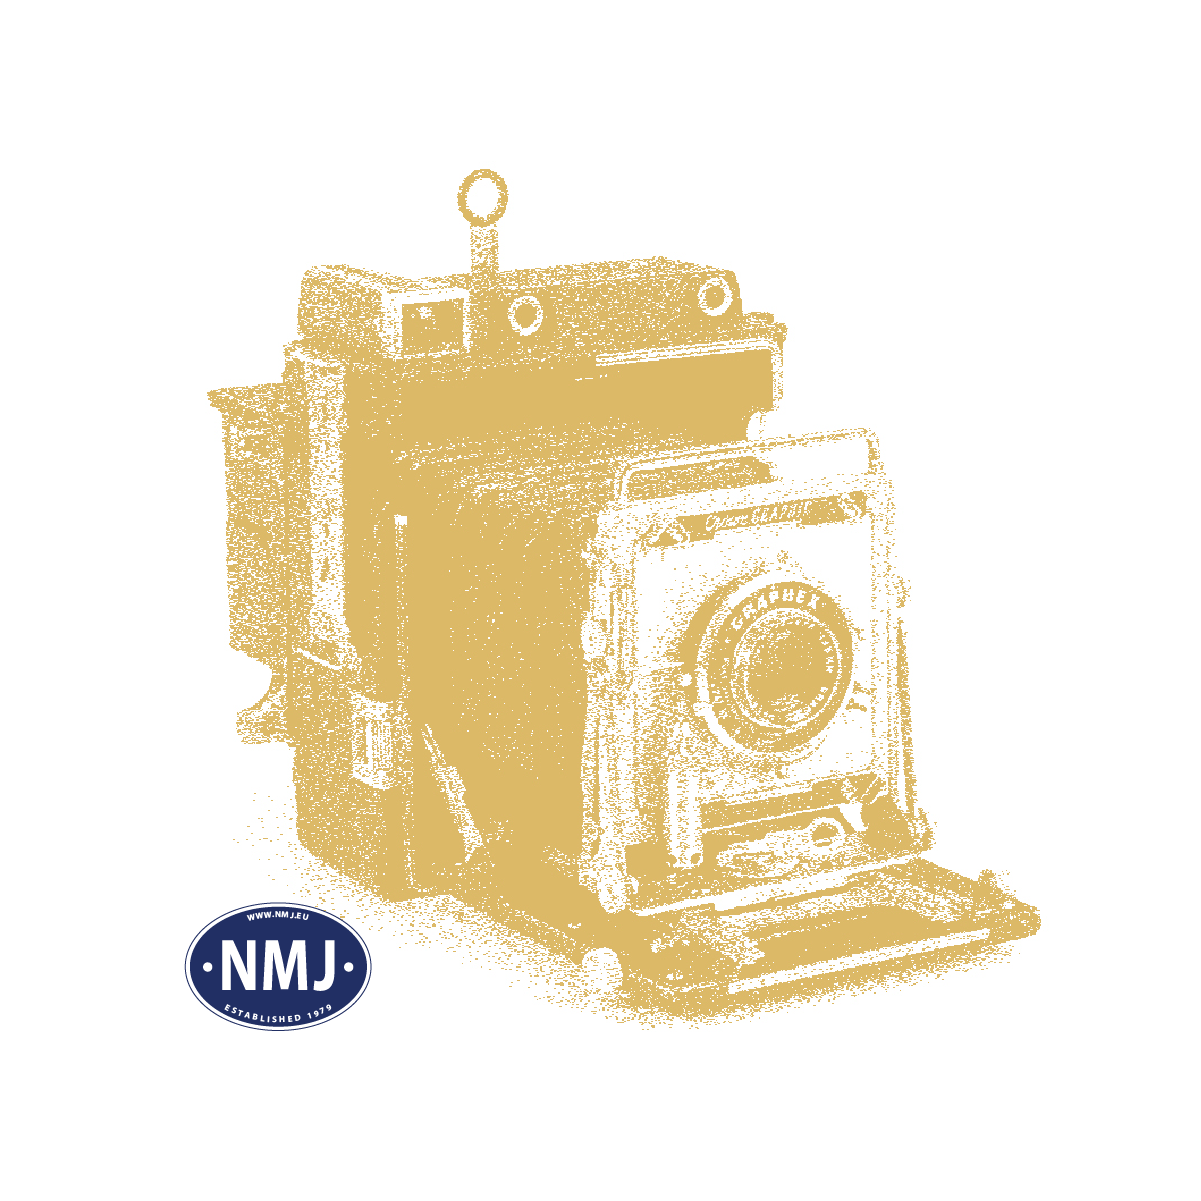 NMJS L4 50268 - NMJ Superline NSB L4 50268, *NMJ 40 År*